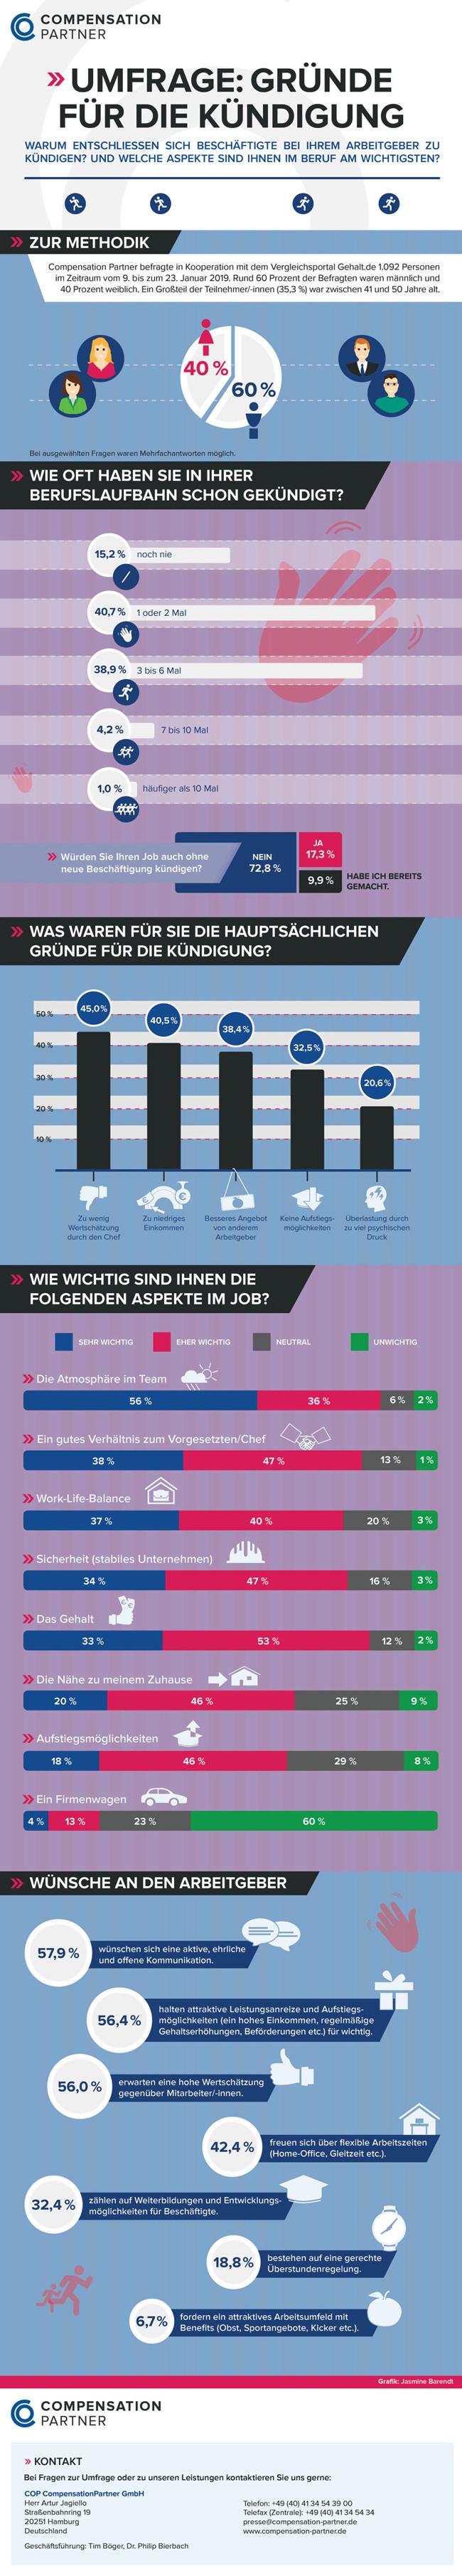 Infografik: Gründe für die Kündigung